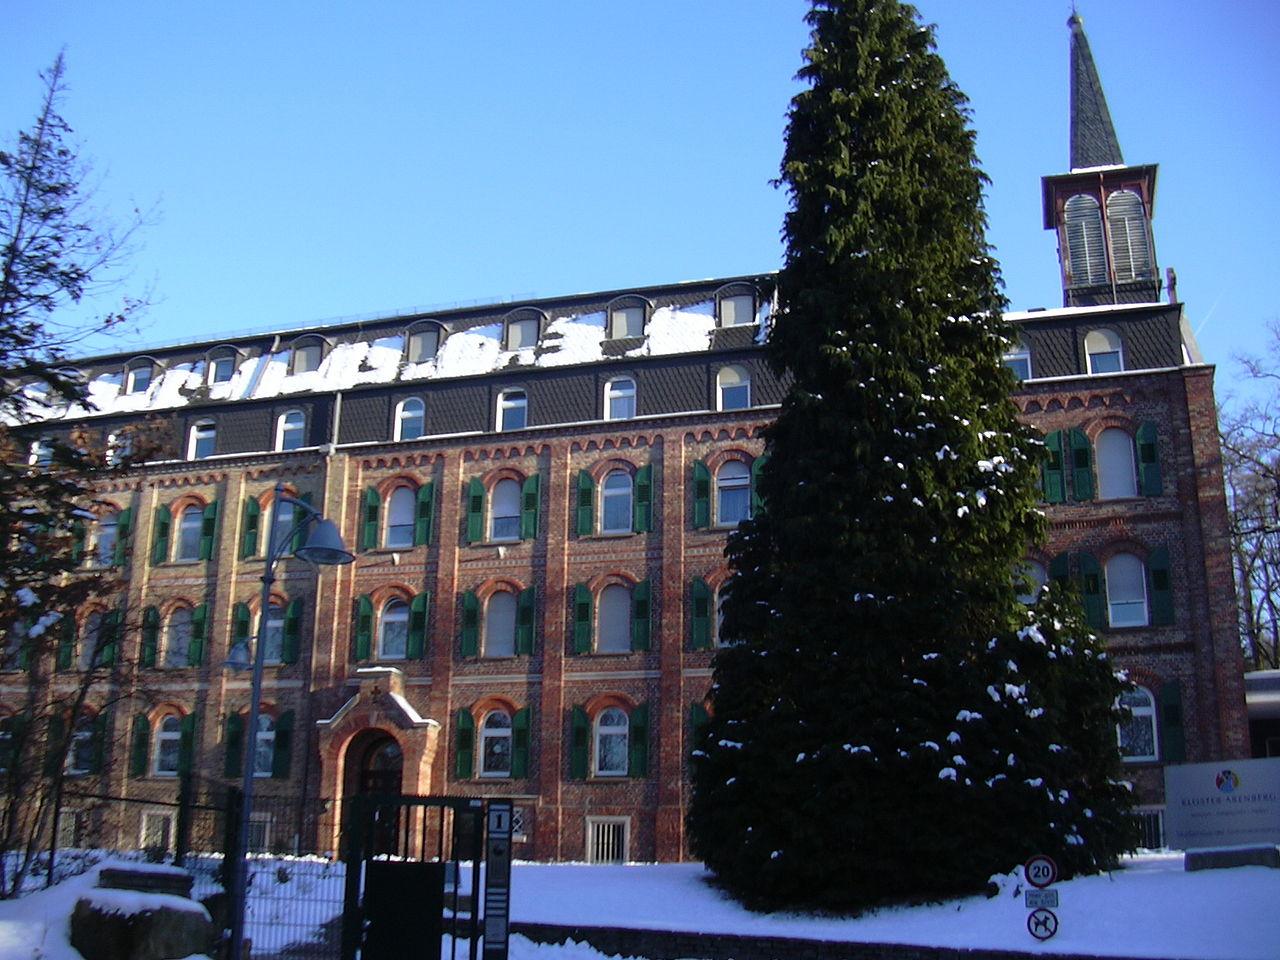 Bild Kloster Arenberg Koblenz